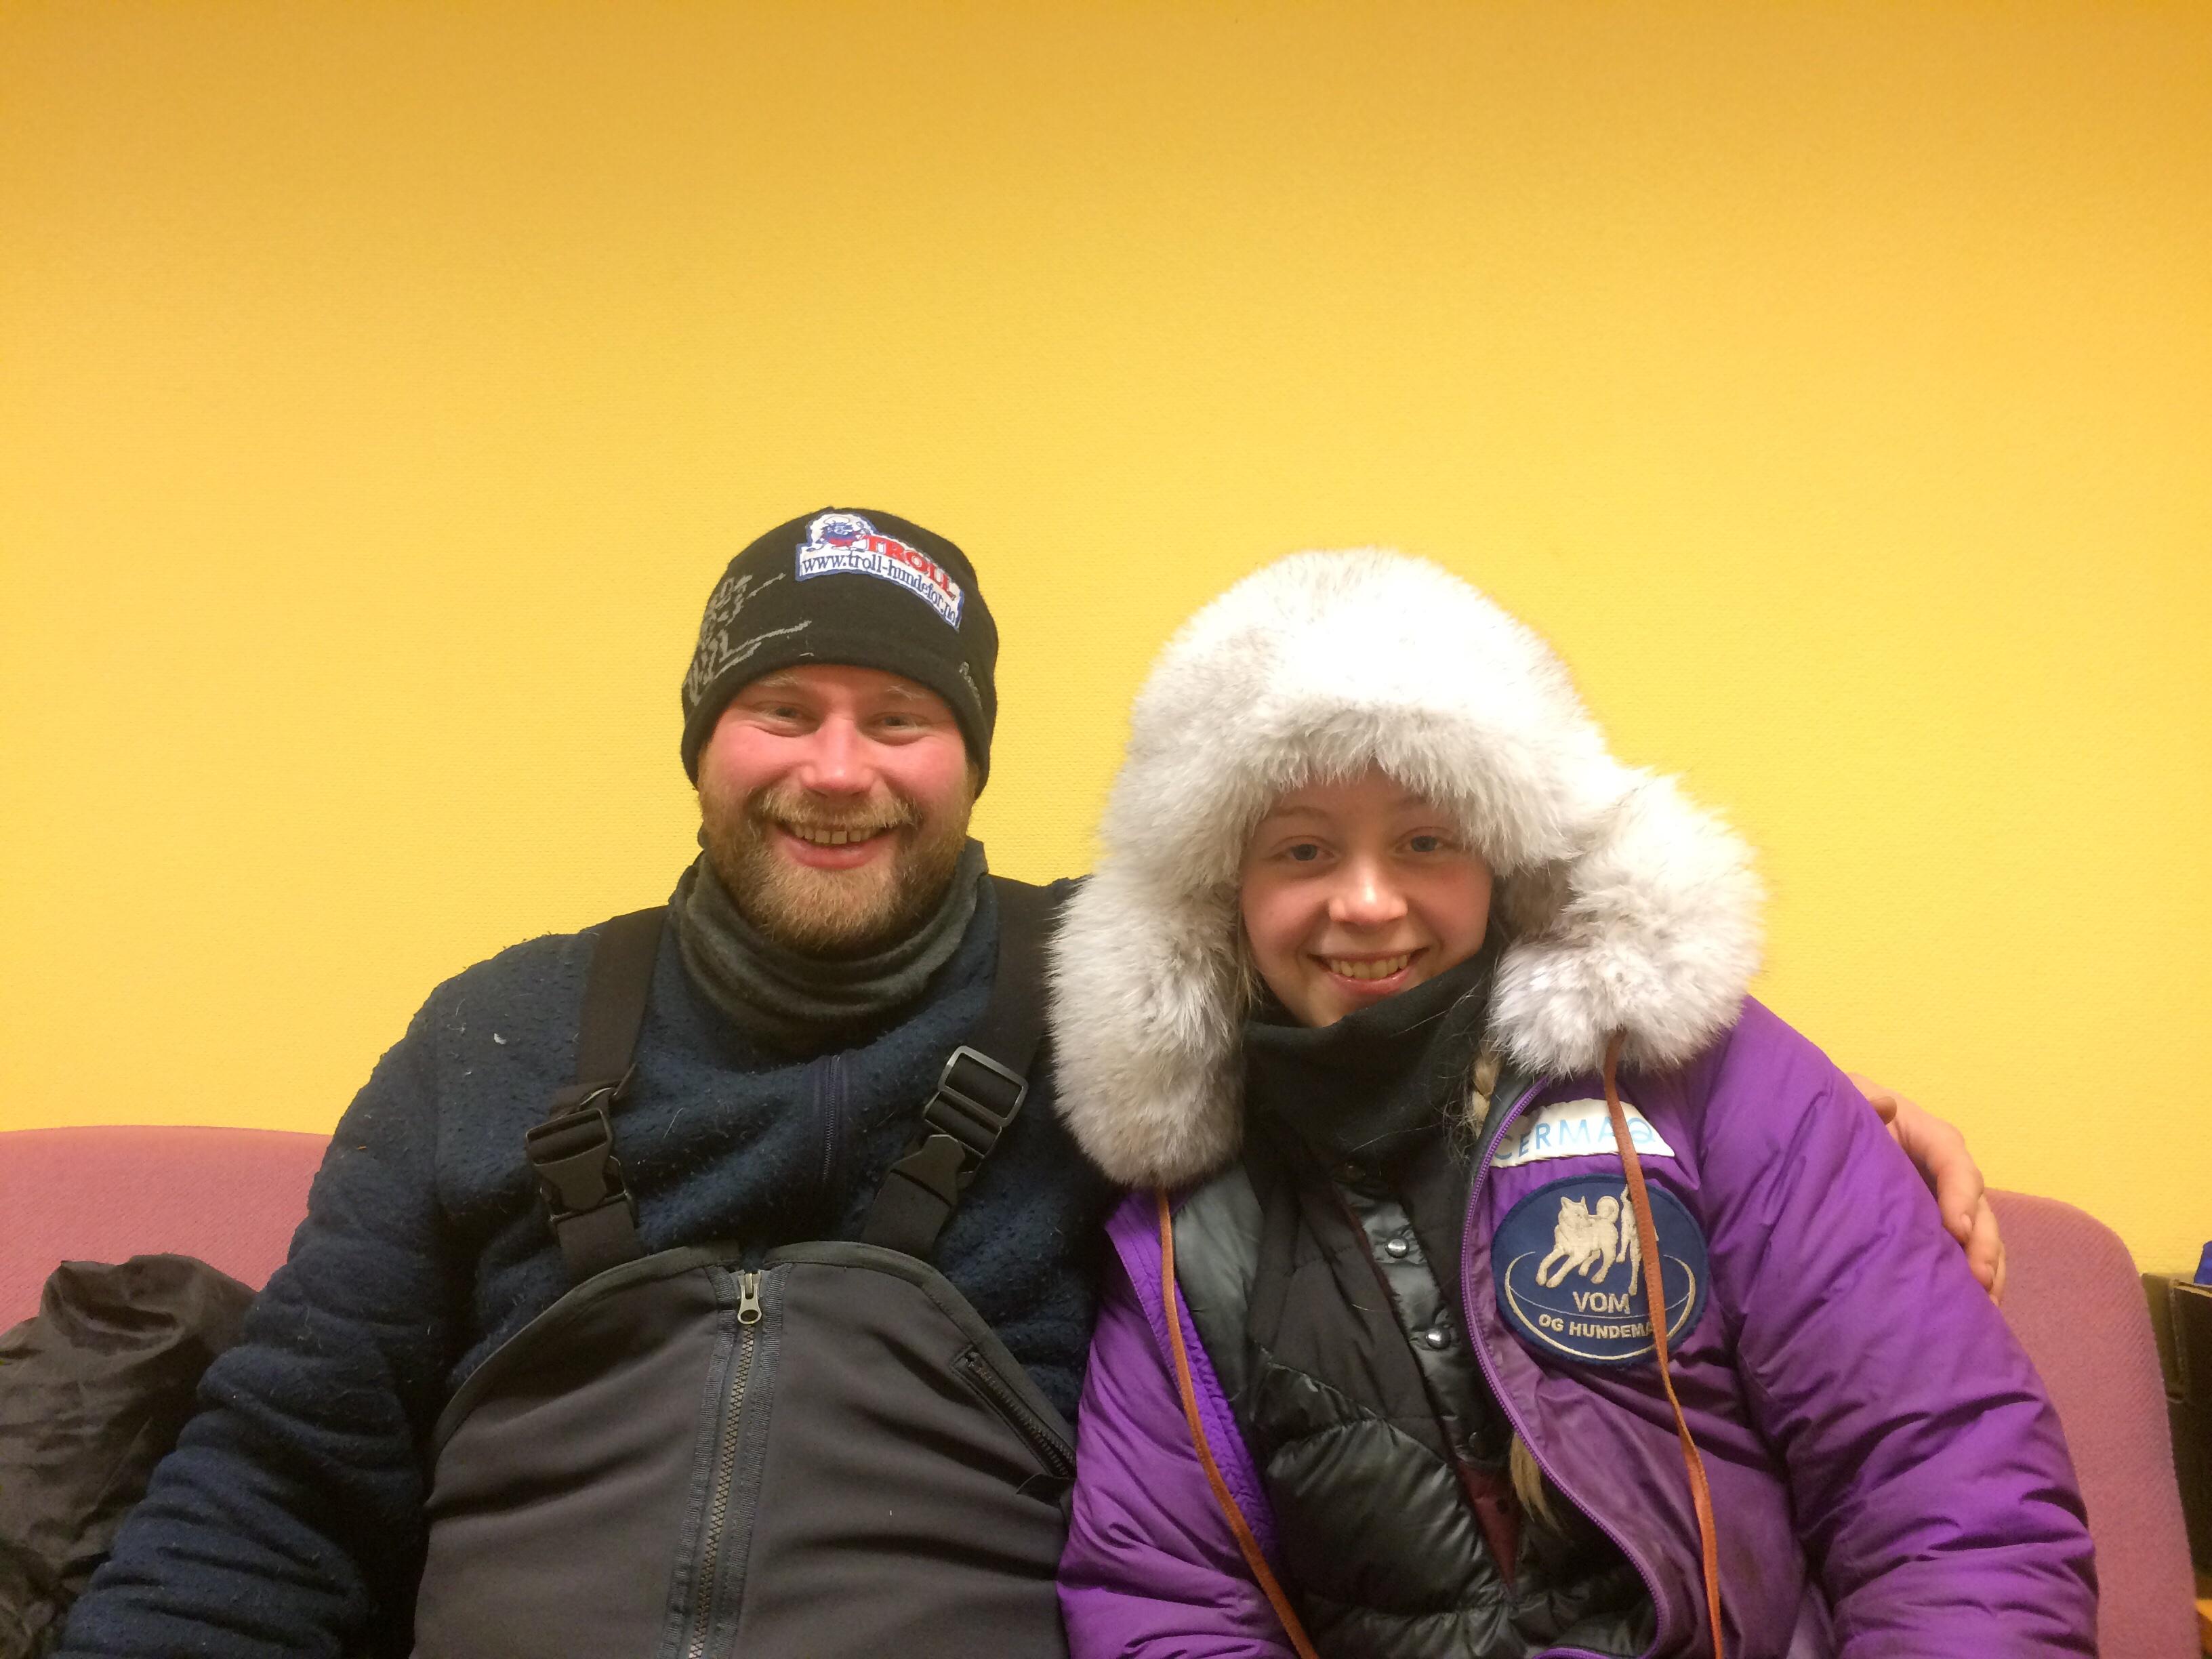 Kristian Walseth og Hanna Lyrek var begge godt fornøyd med å komme i mål til gull og sølv.